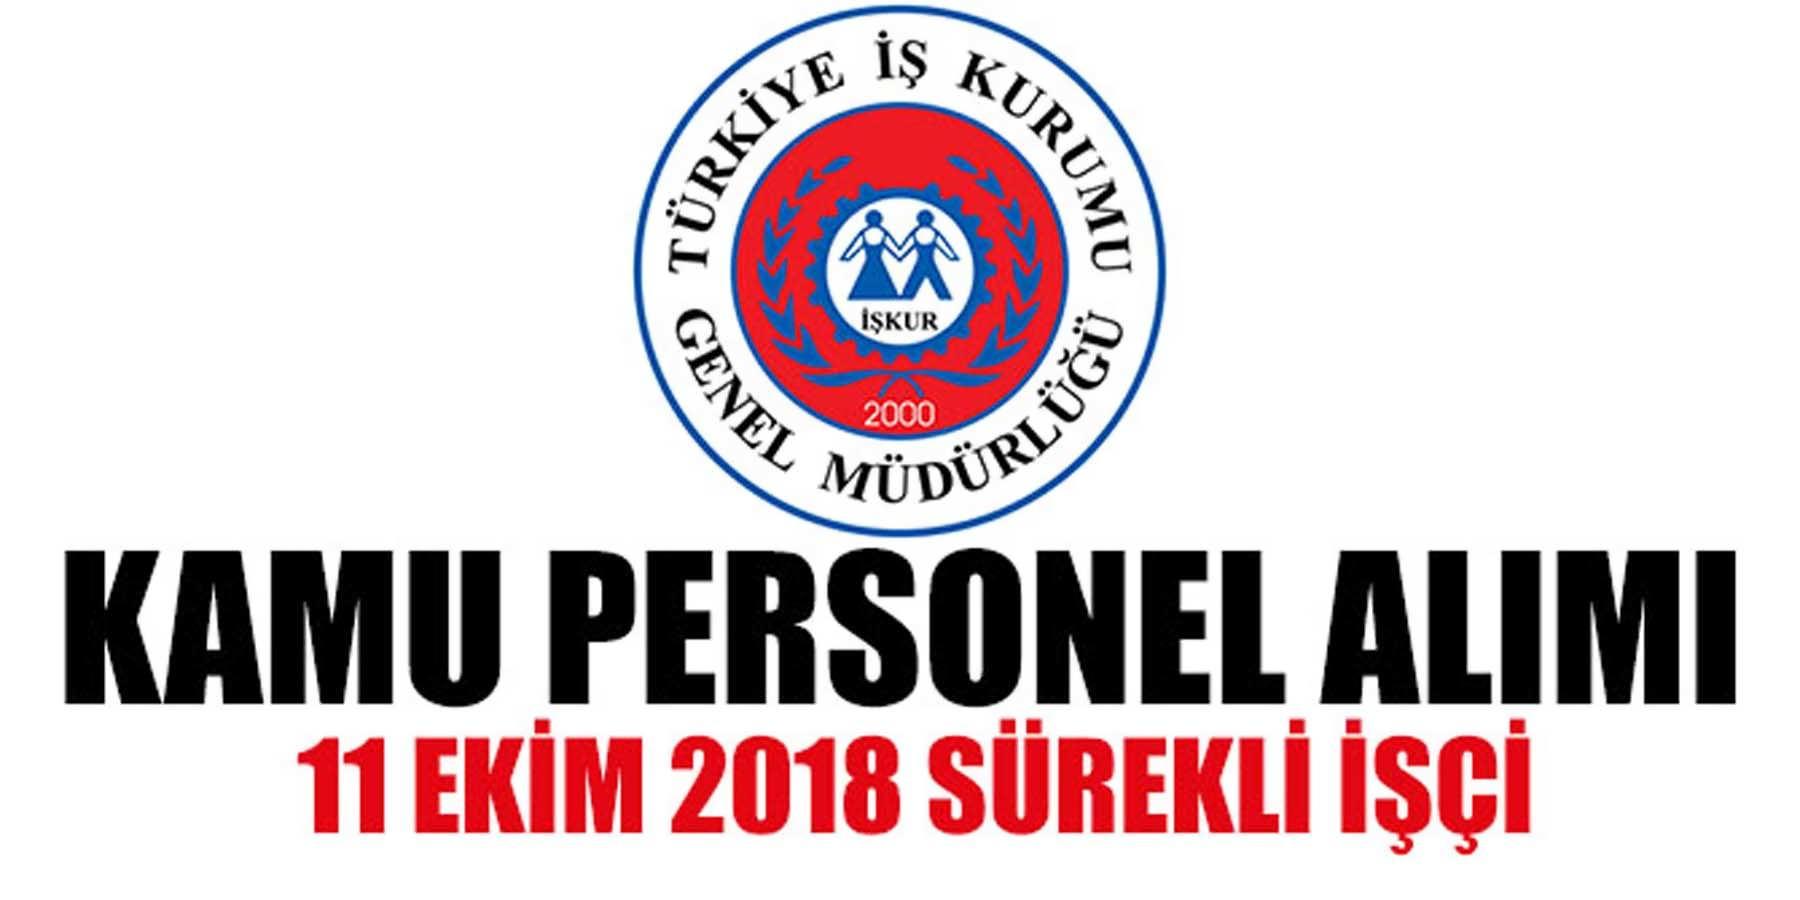 11 Ekim 2018 İŞKUR Sürekli İşçi (Kamu Personeli) Alımı